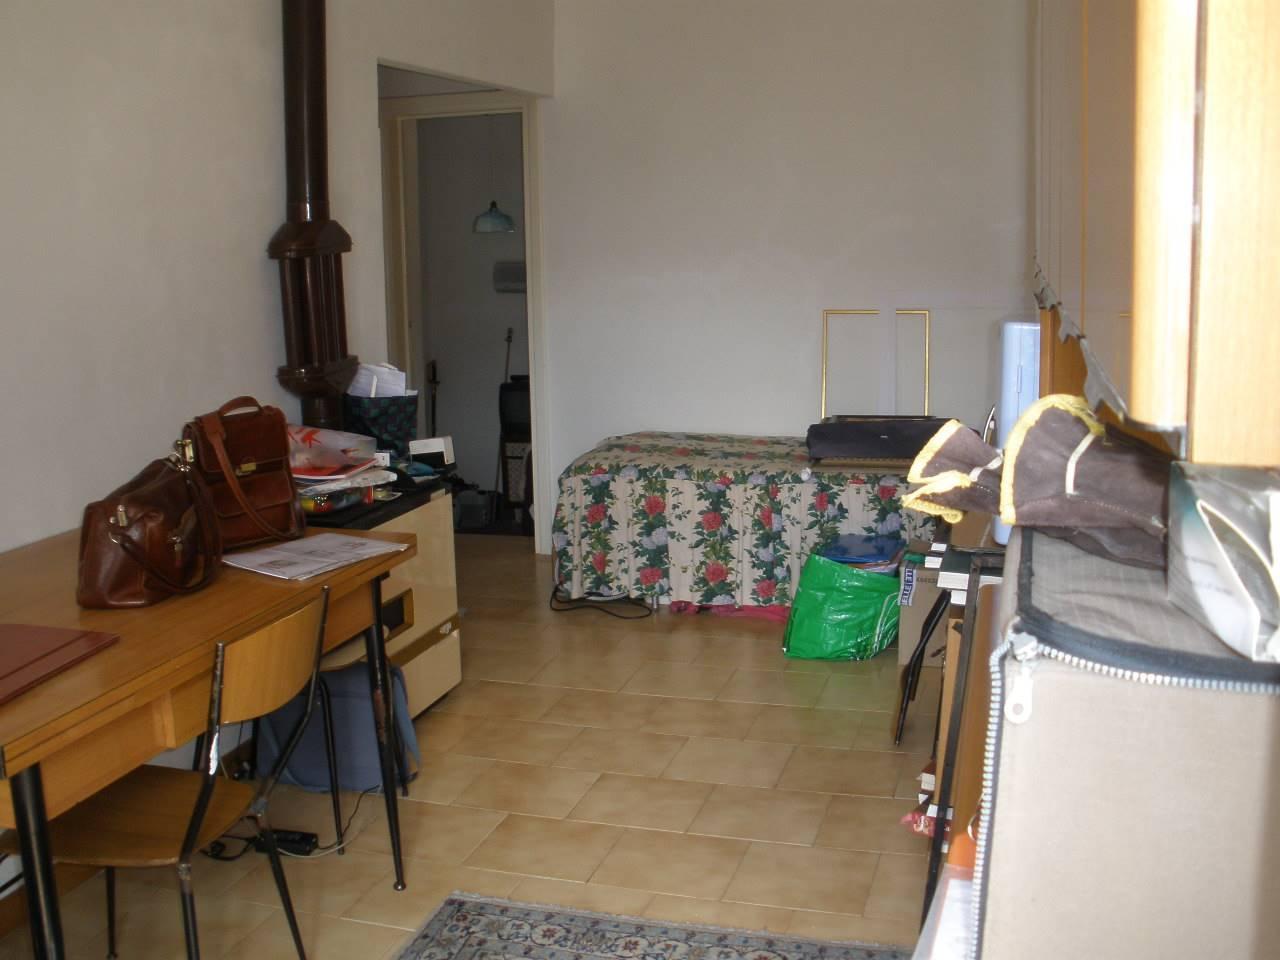 Appartamento a Montecatini Val di Cecina - sassa - 01, Foto